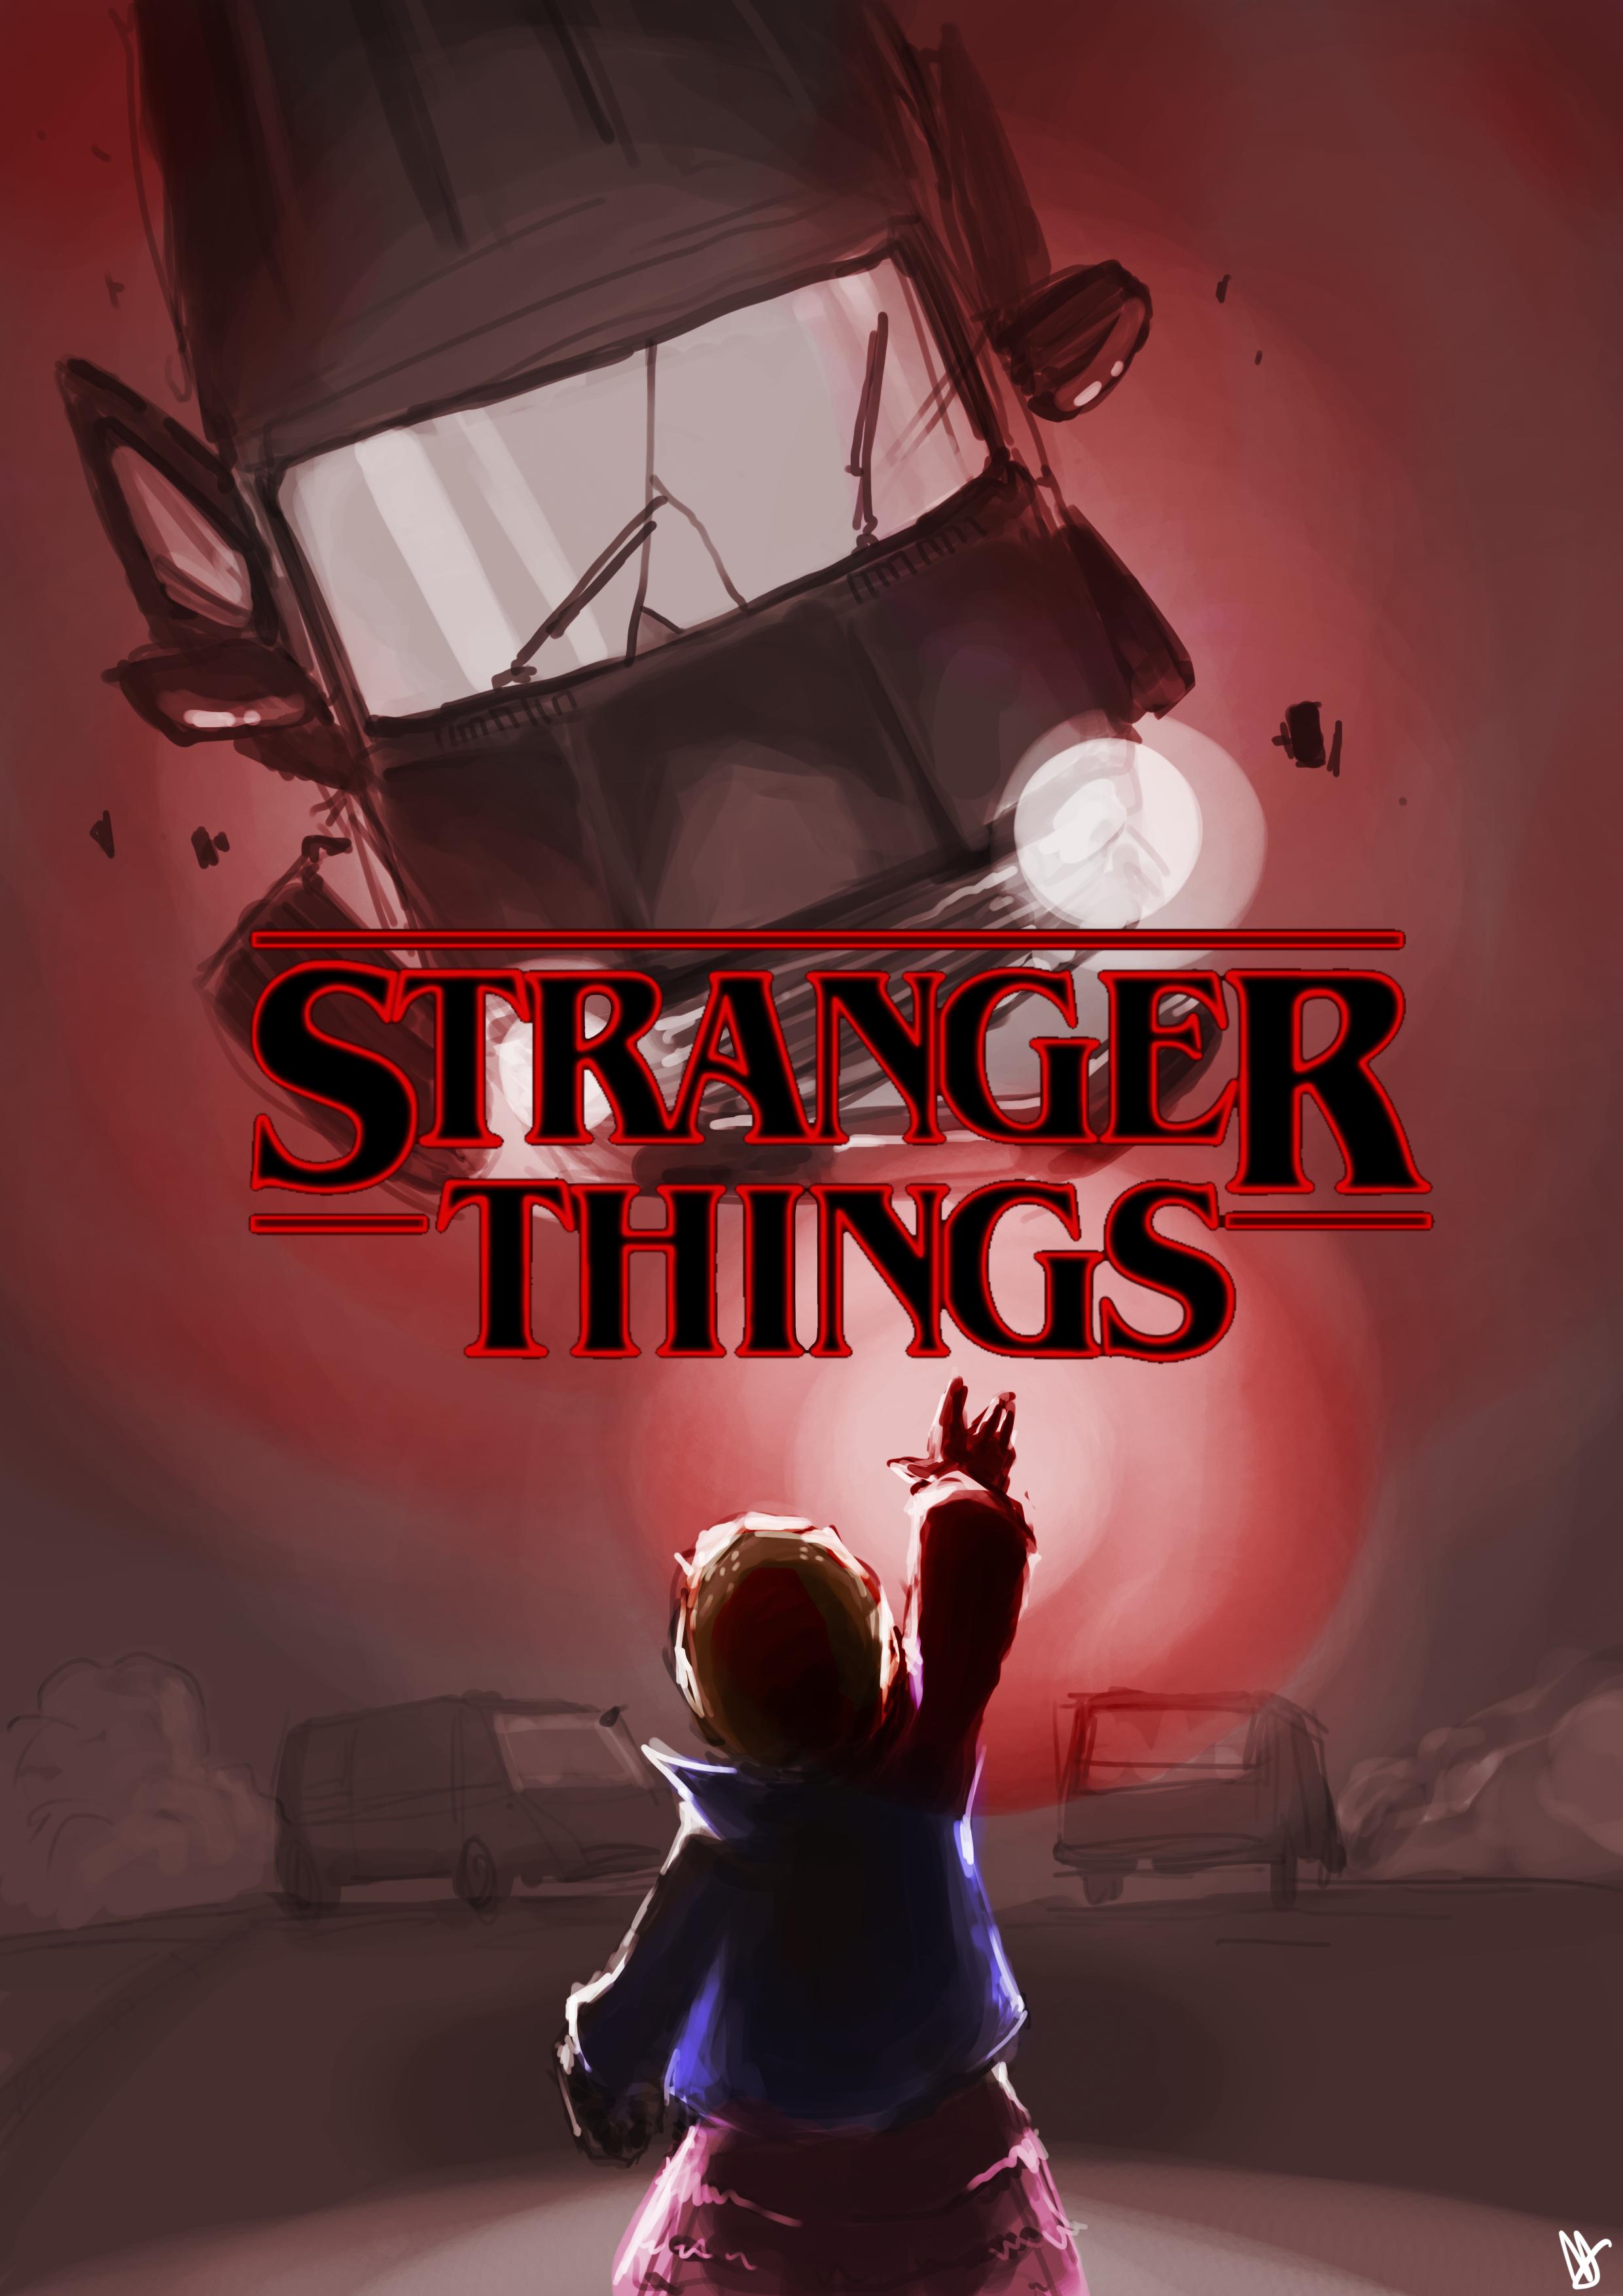 Épinglé par Jade🐱 sur Stranger Things | Stranger things, Séries télévisées et Netflix